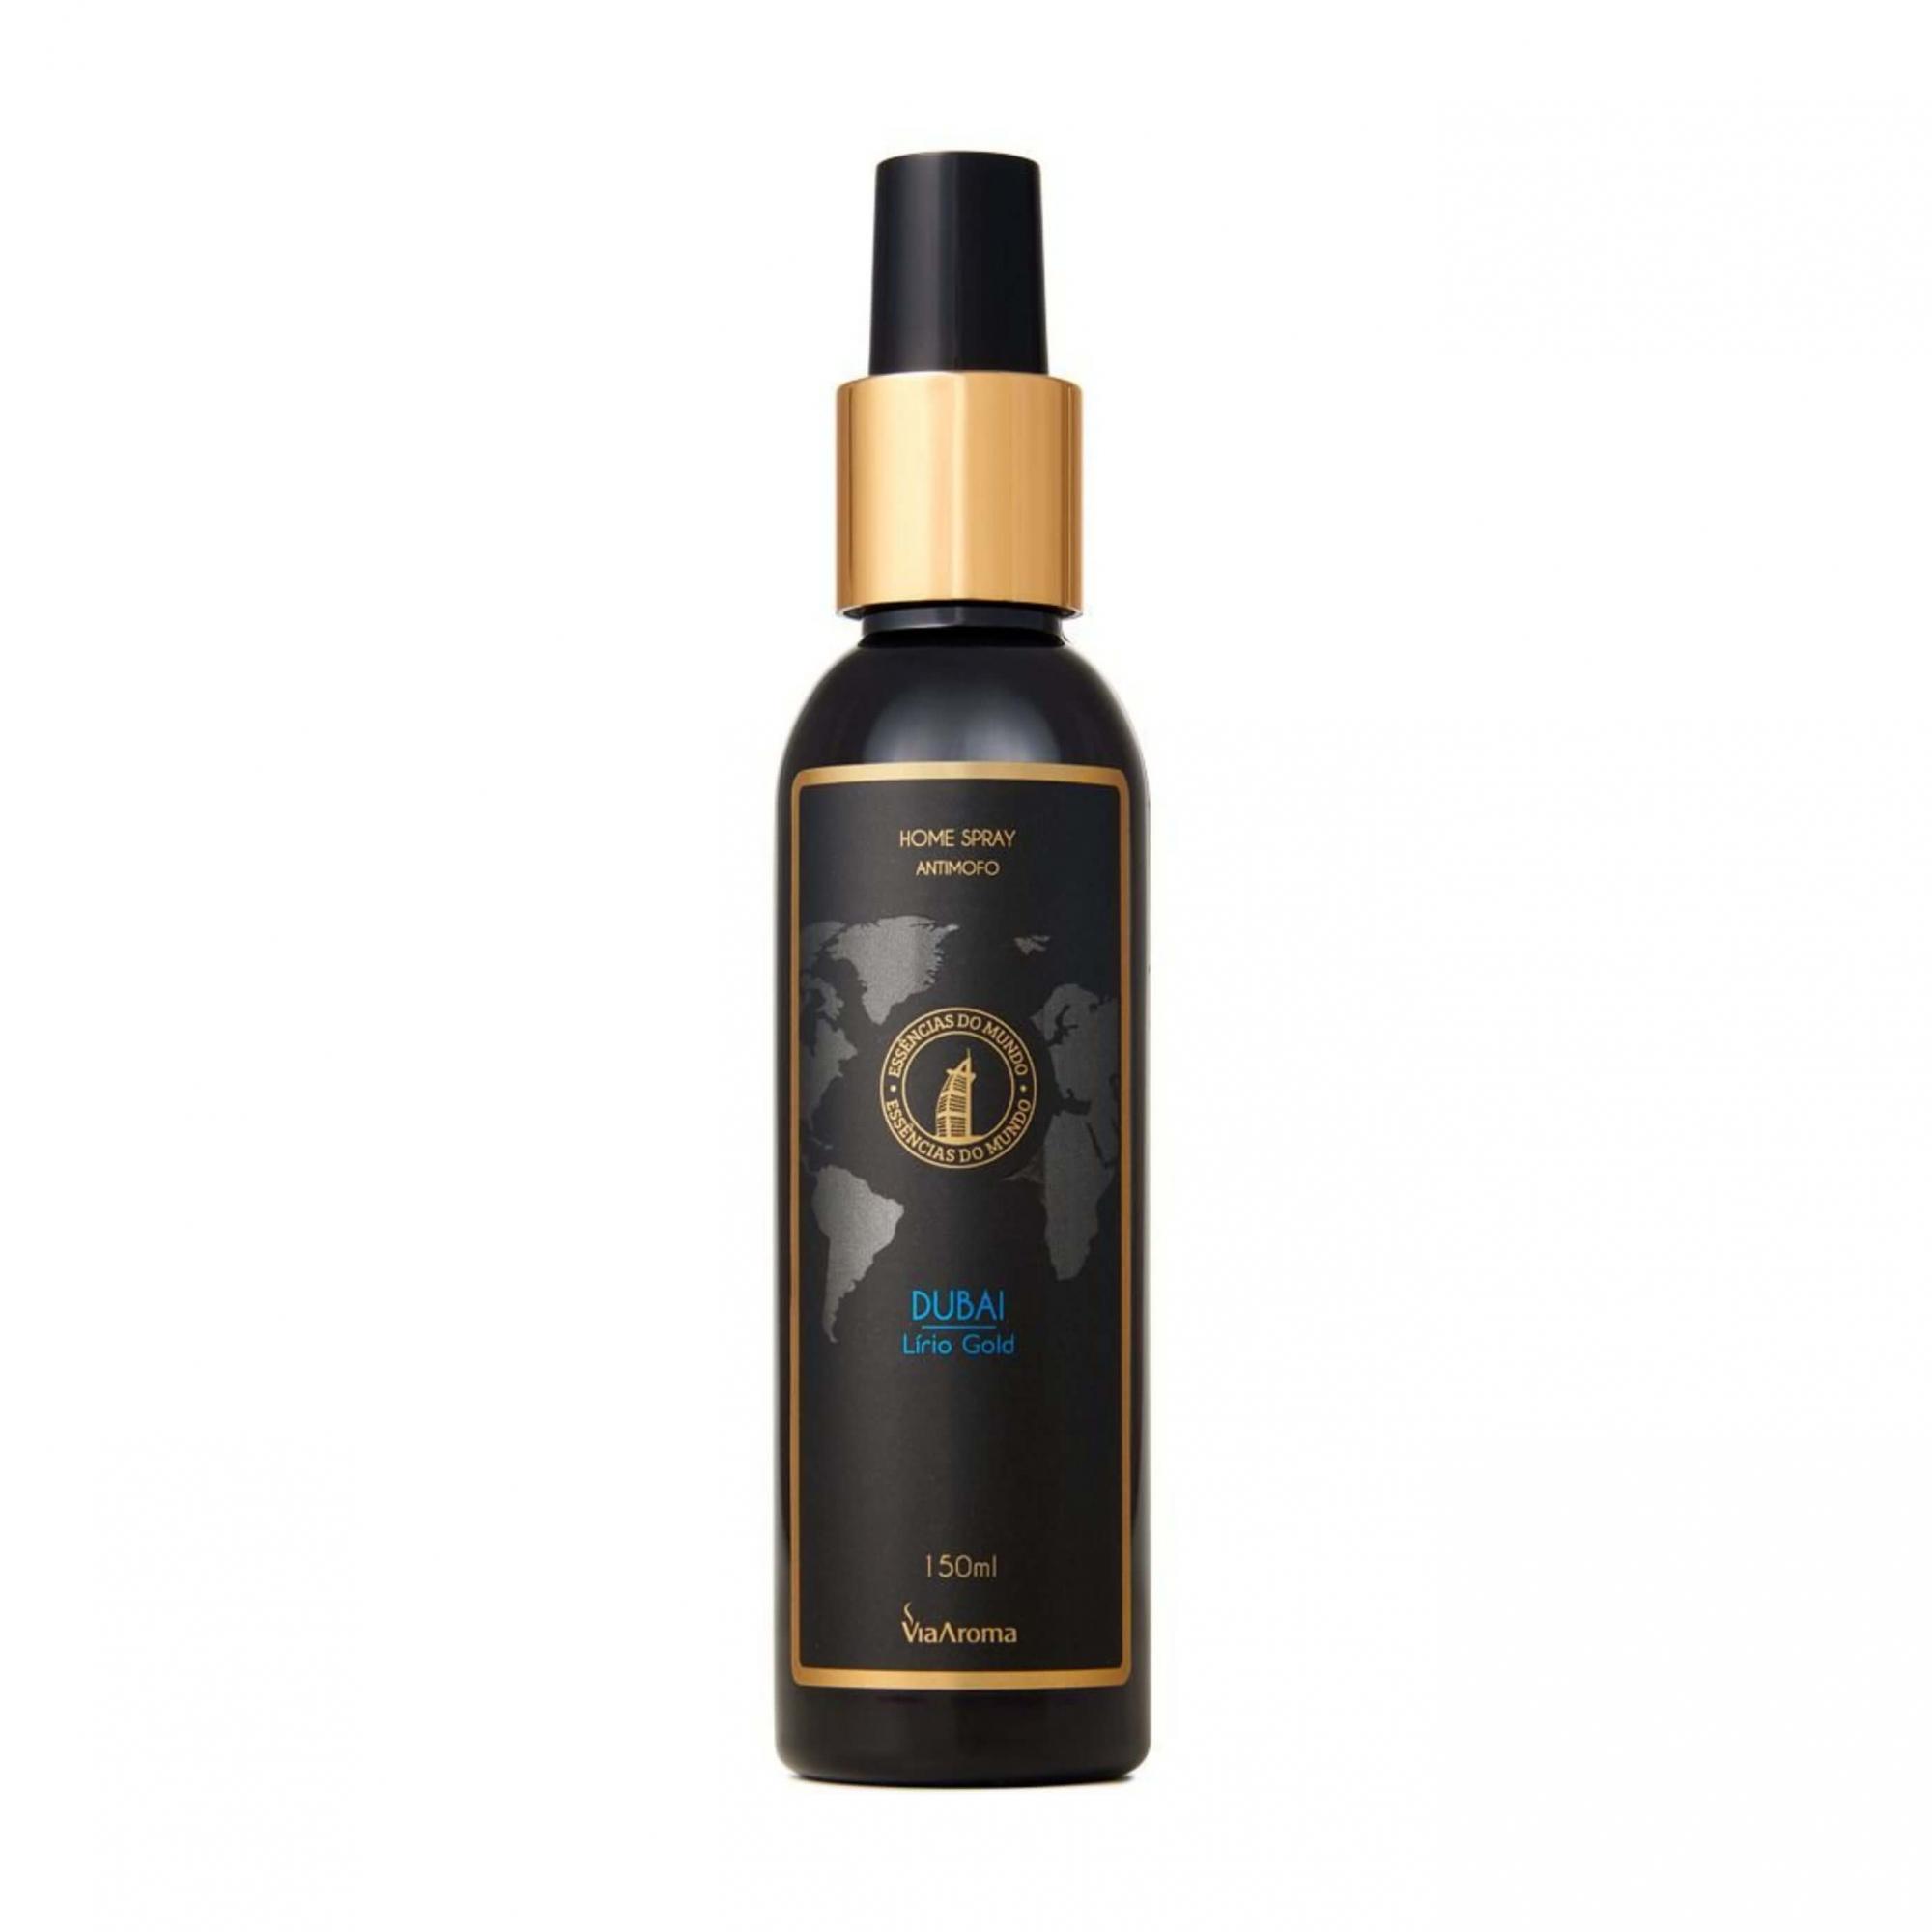 Home Spray Antimofo Dubai Via Aroma 150ml